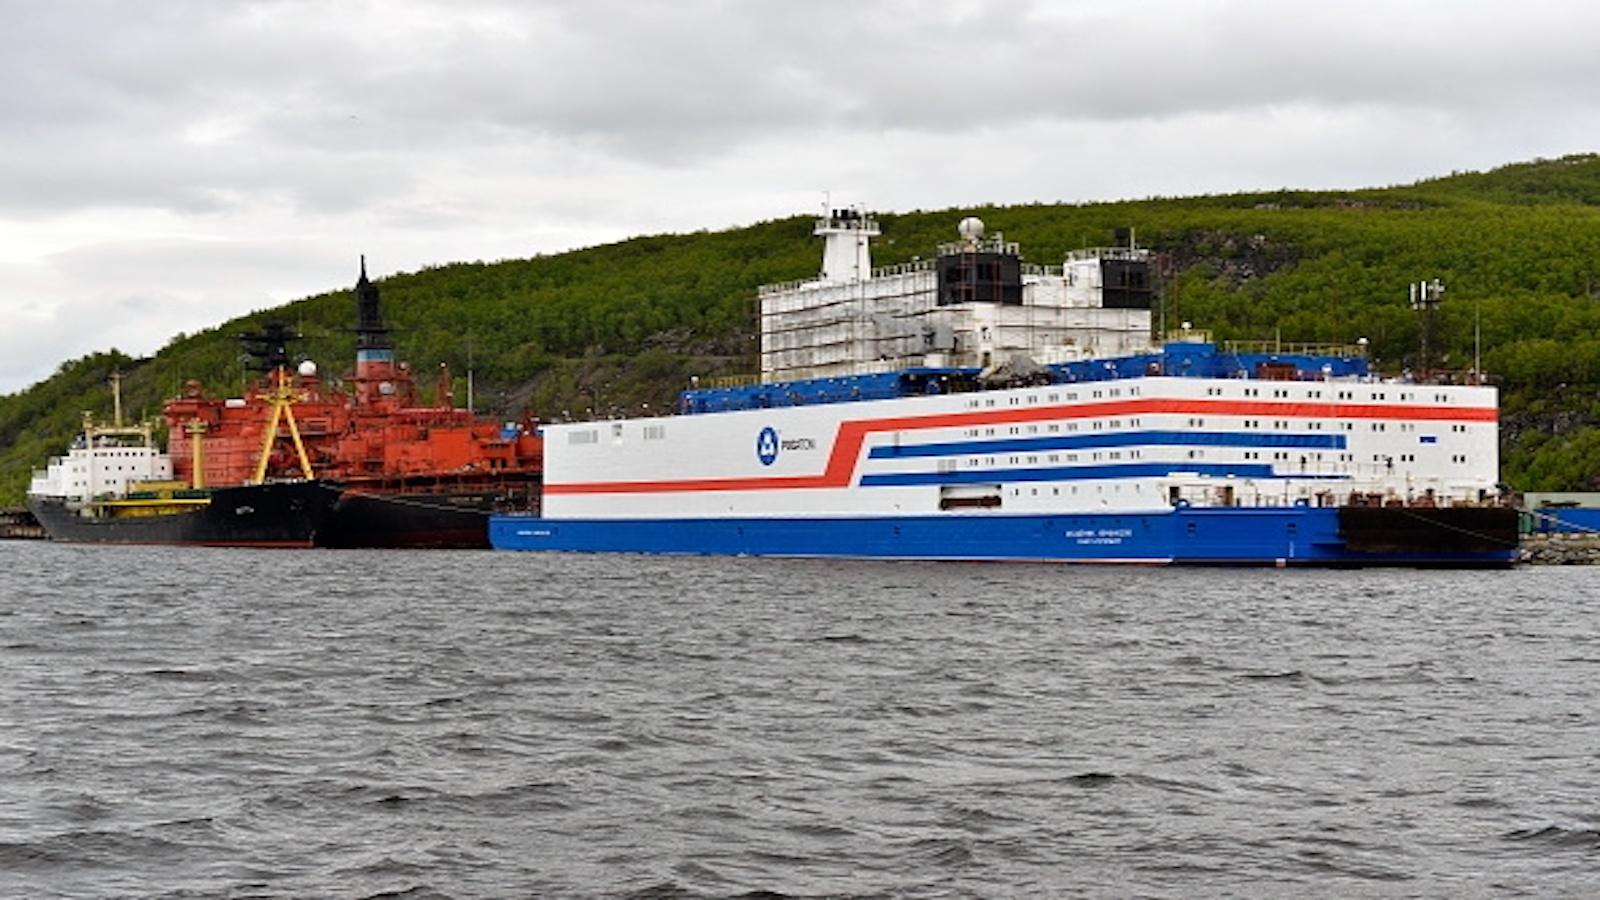 The Akademik Lomonosov Nuclear ship